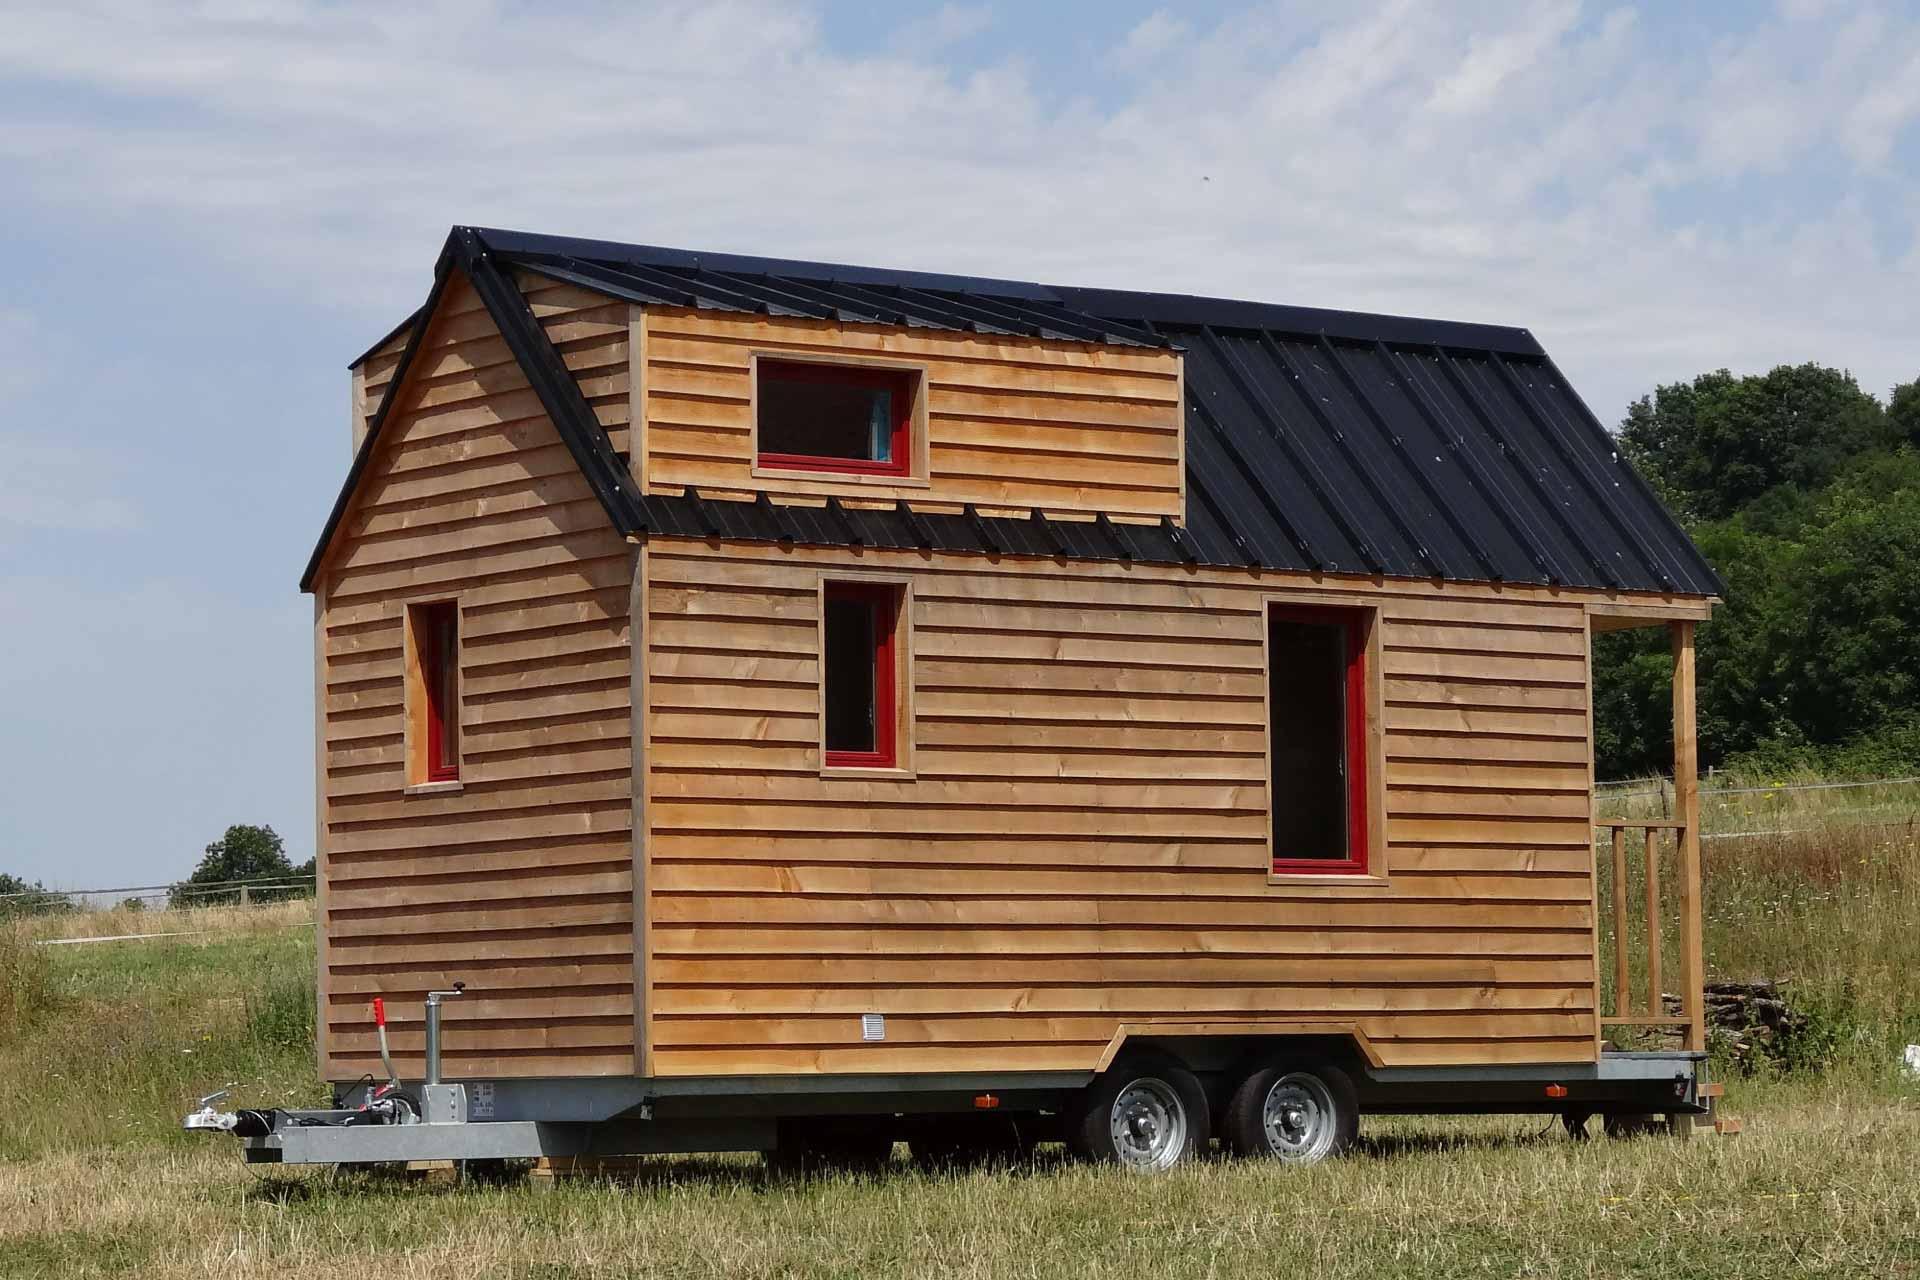 vue d'extérieur d'un modèle de Tiny House (chalet nomade) au milieu du parc du Perche (nature)